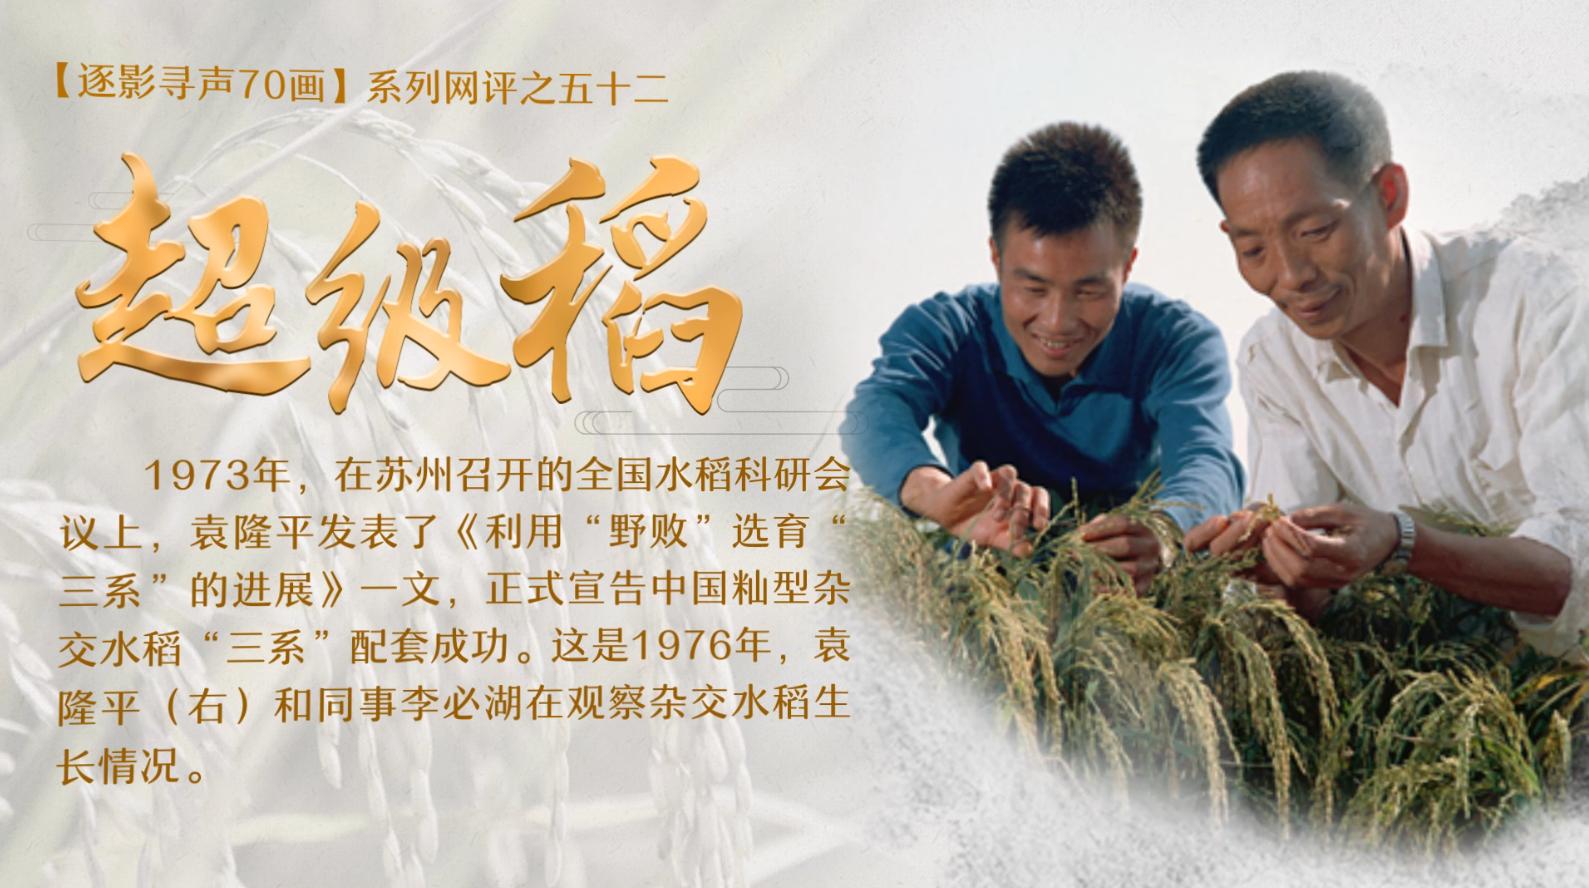 【逐影尋聲70畫】超級稻